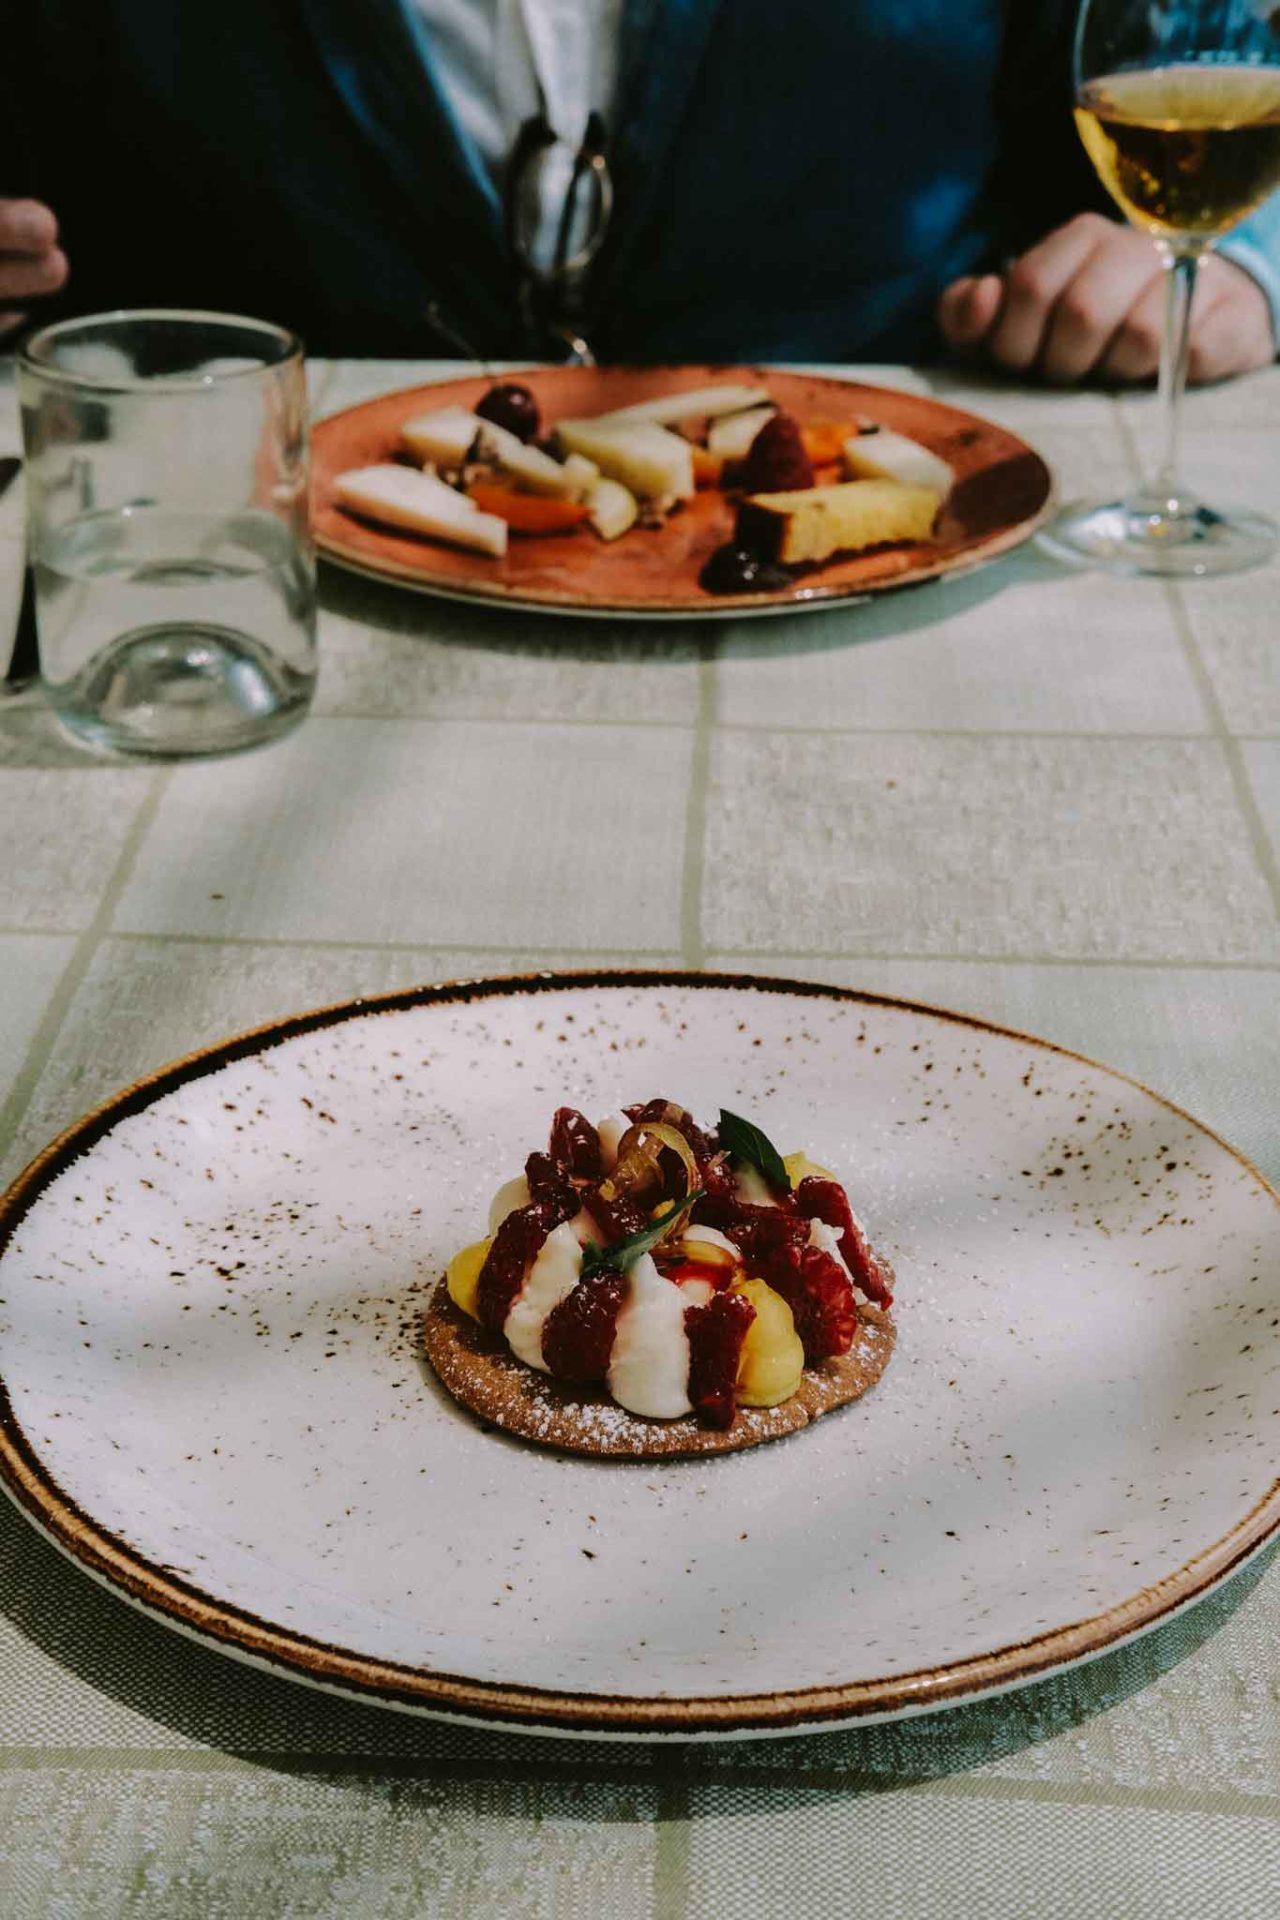 Rinuccio 1180 ristorante Antinori Chianti Classico dolce